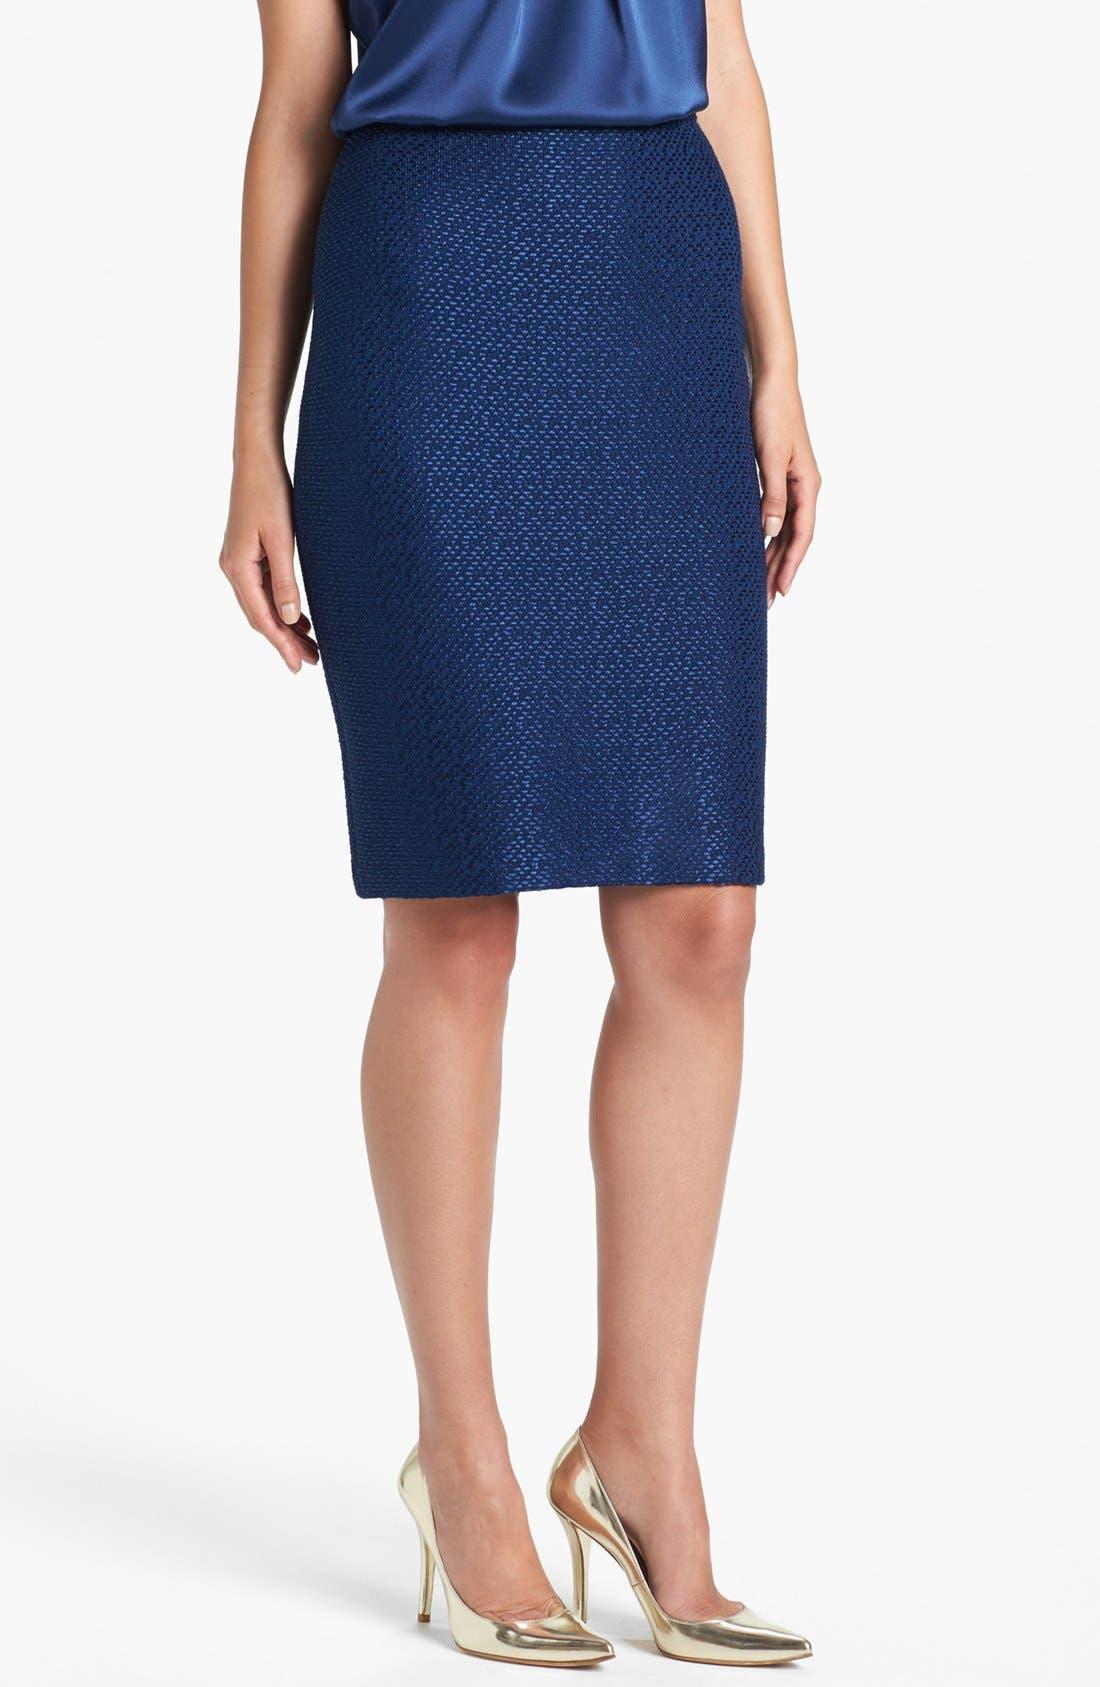 Main Image - St. John Collection Tonal Dot Knit Pencil Skirt